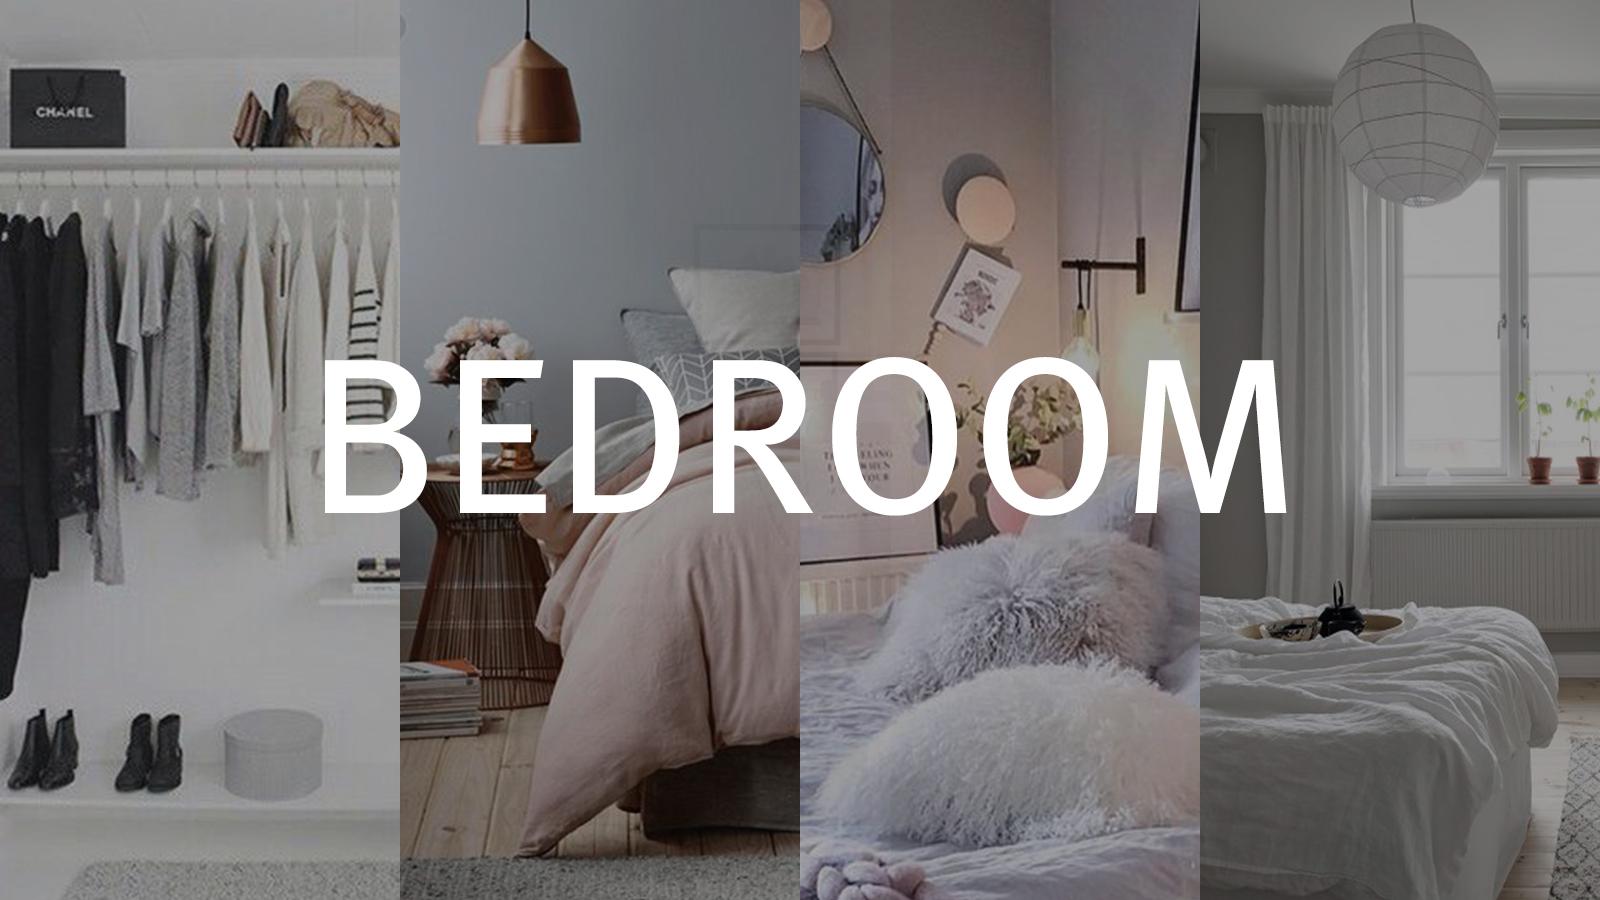 Details per Space - Bedroom.jpg